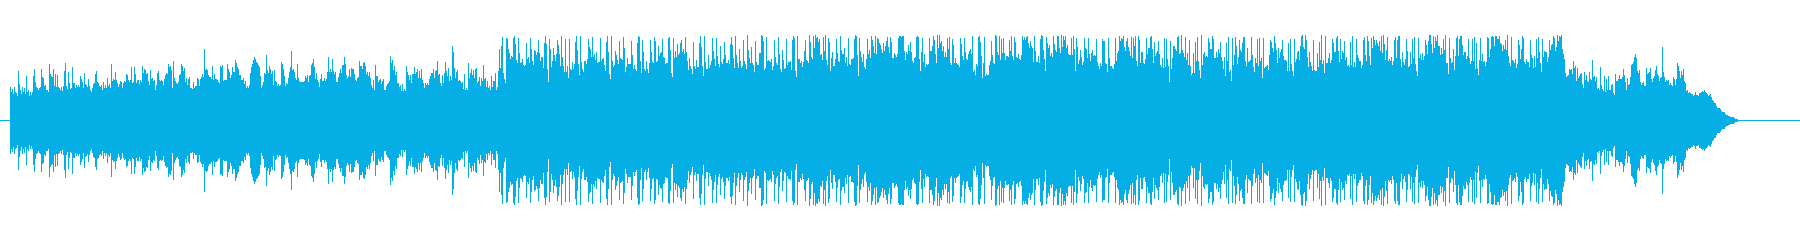 チェロの旋律が美しいインストの再生済みの波形